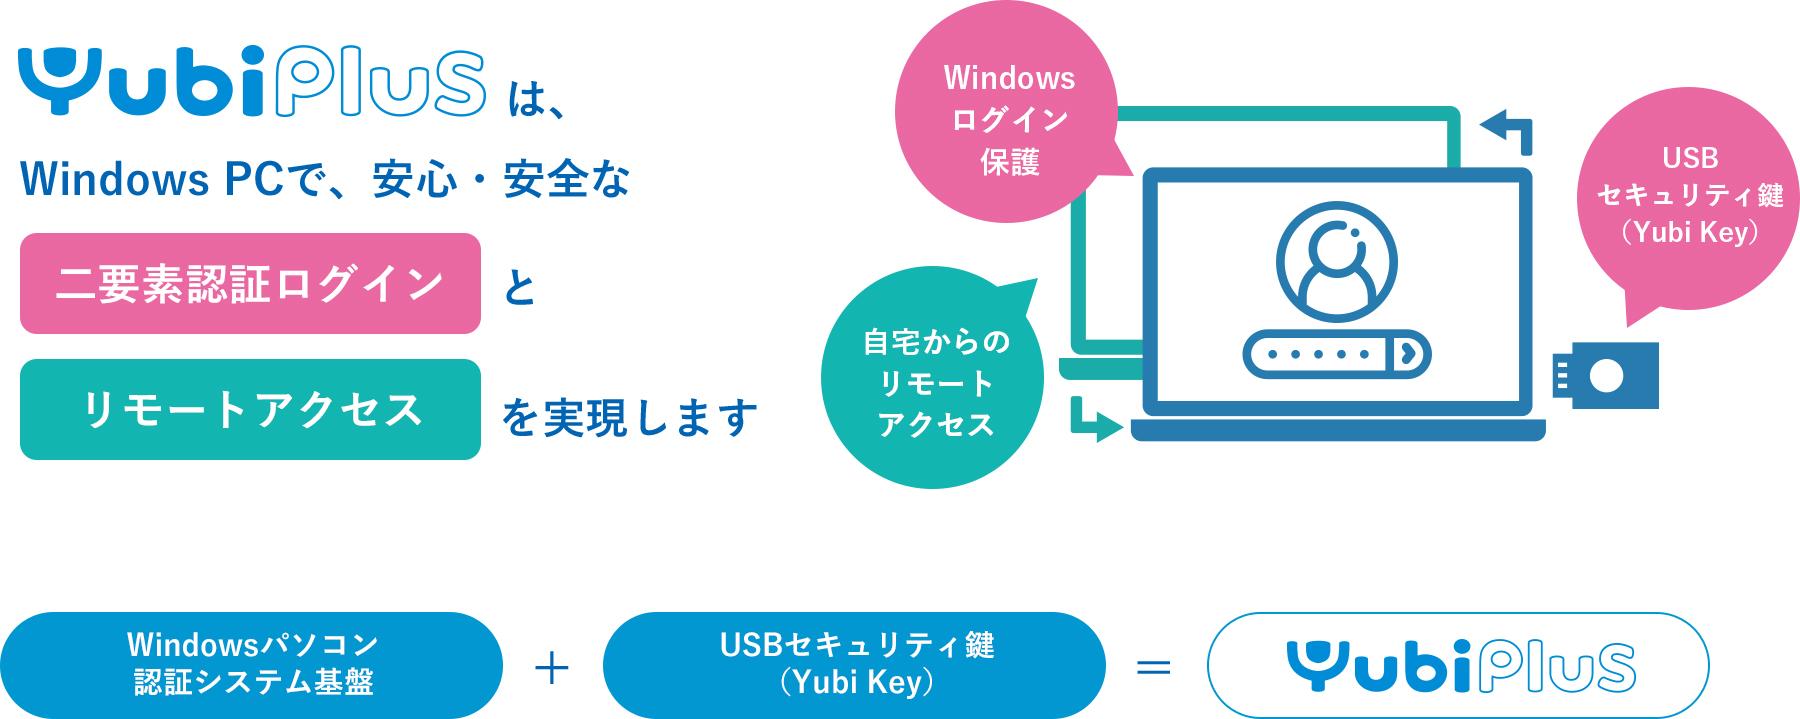 YubiPlusは、WindowsPCで、安心・安全な「二要素ログイン」と「リモートアクセス」を実現します